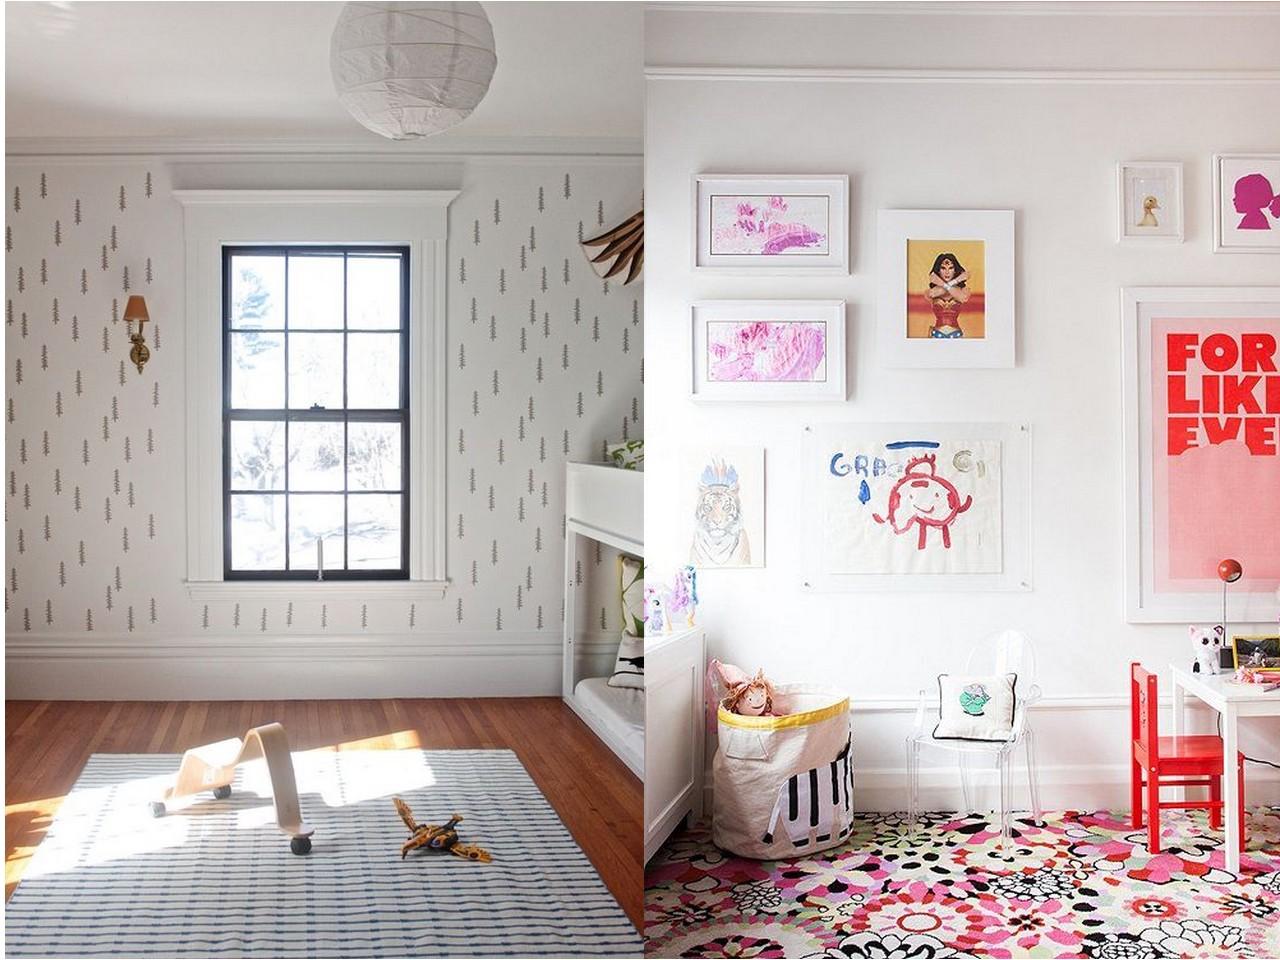 La decoraci n con molduras en casa vuelve a ser tendencia for Decoracion con figuras en la pared